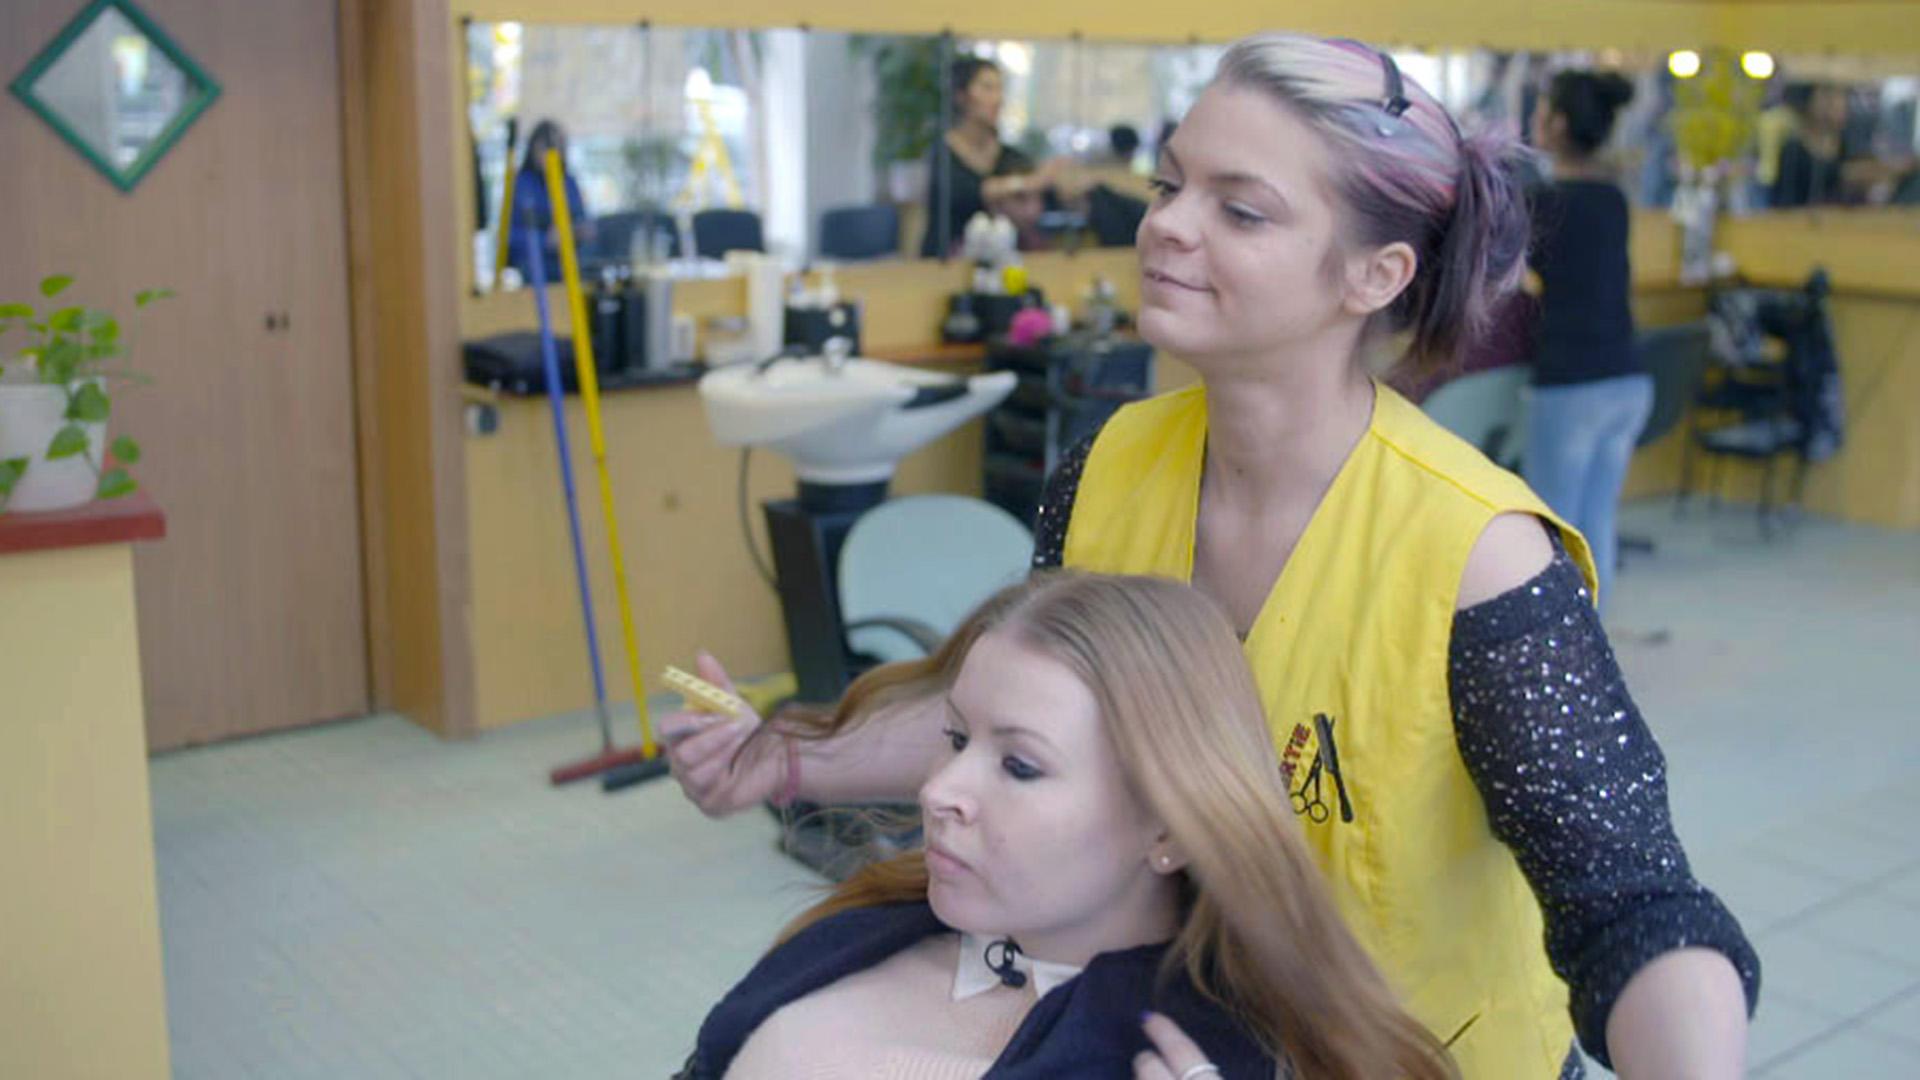 Friseure im Haarfieber, Die   Folge 14